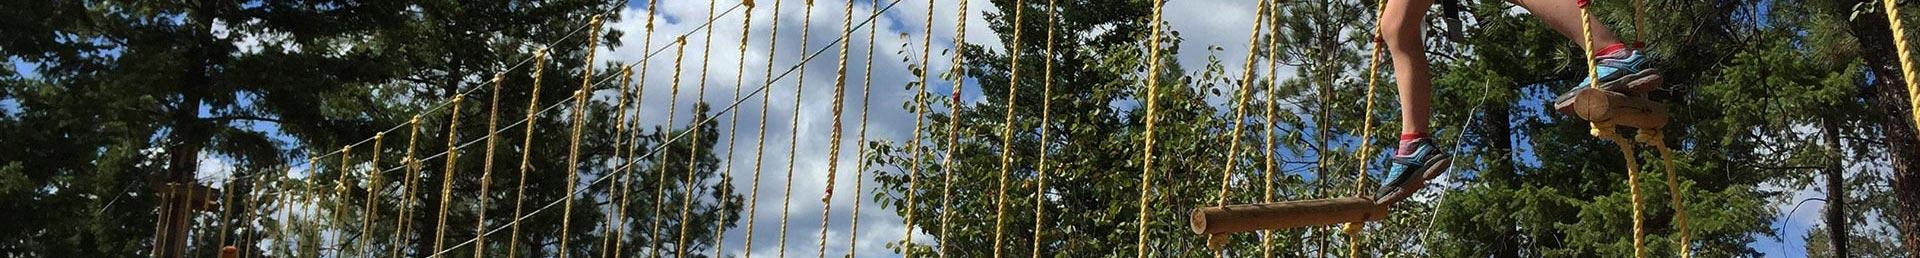 Accrobranche - Grimpe d'arbres Haute-Garonne